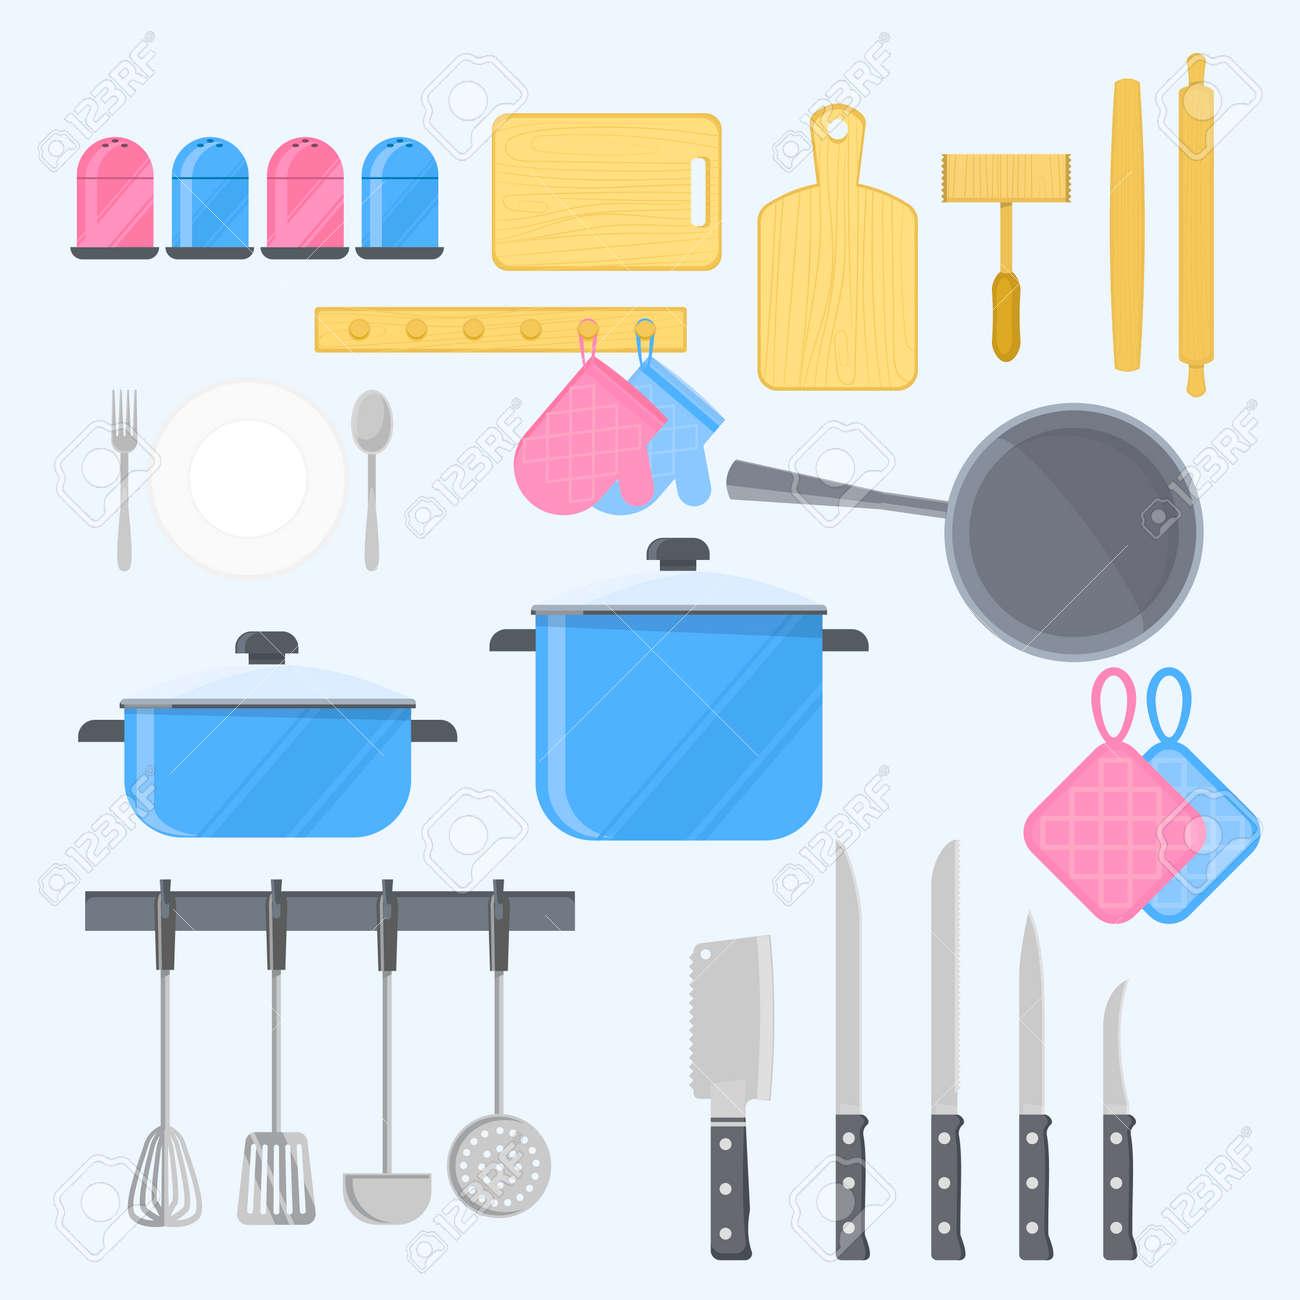 KItchen-Werkzeuge Mit Küchengeräte Für Die Vorbereitung Auf ...